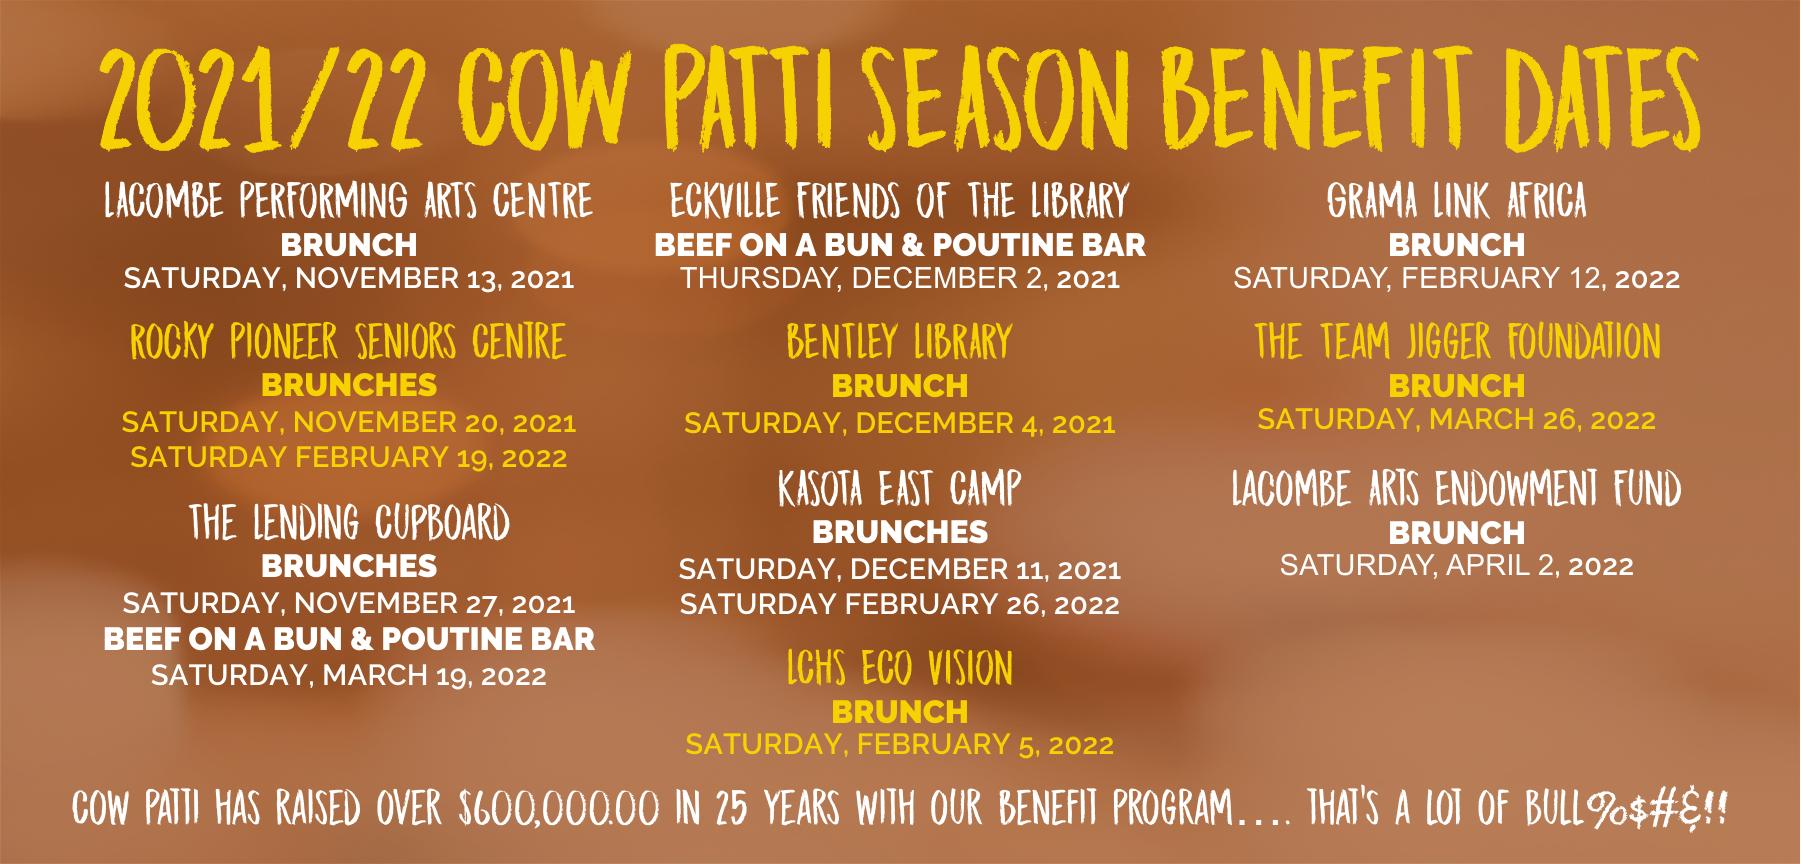 2021/2022 Cow Patti Benefit Theatre Dates